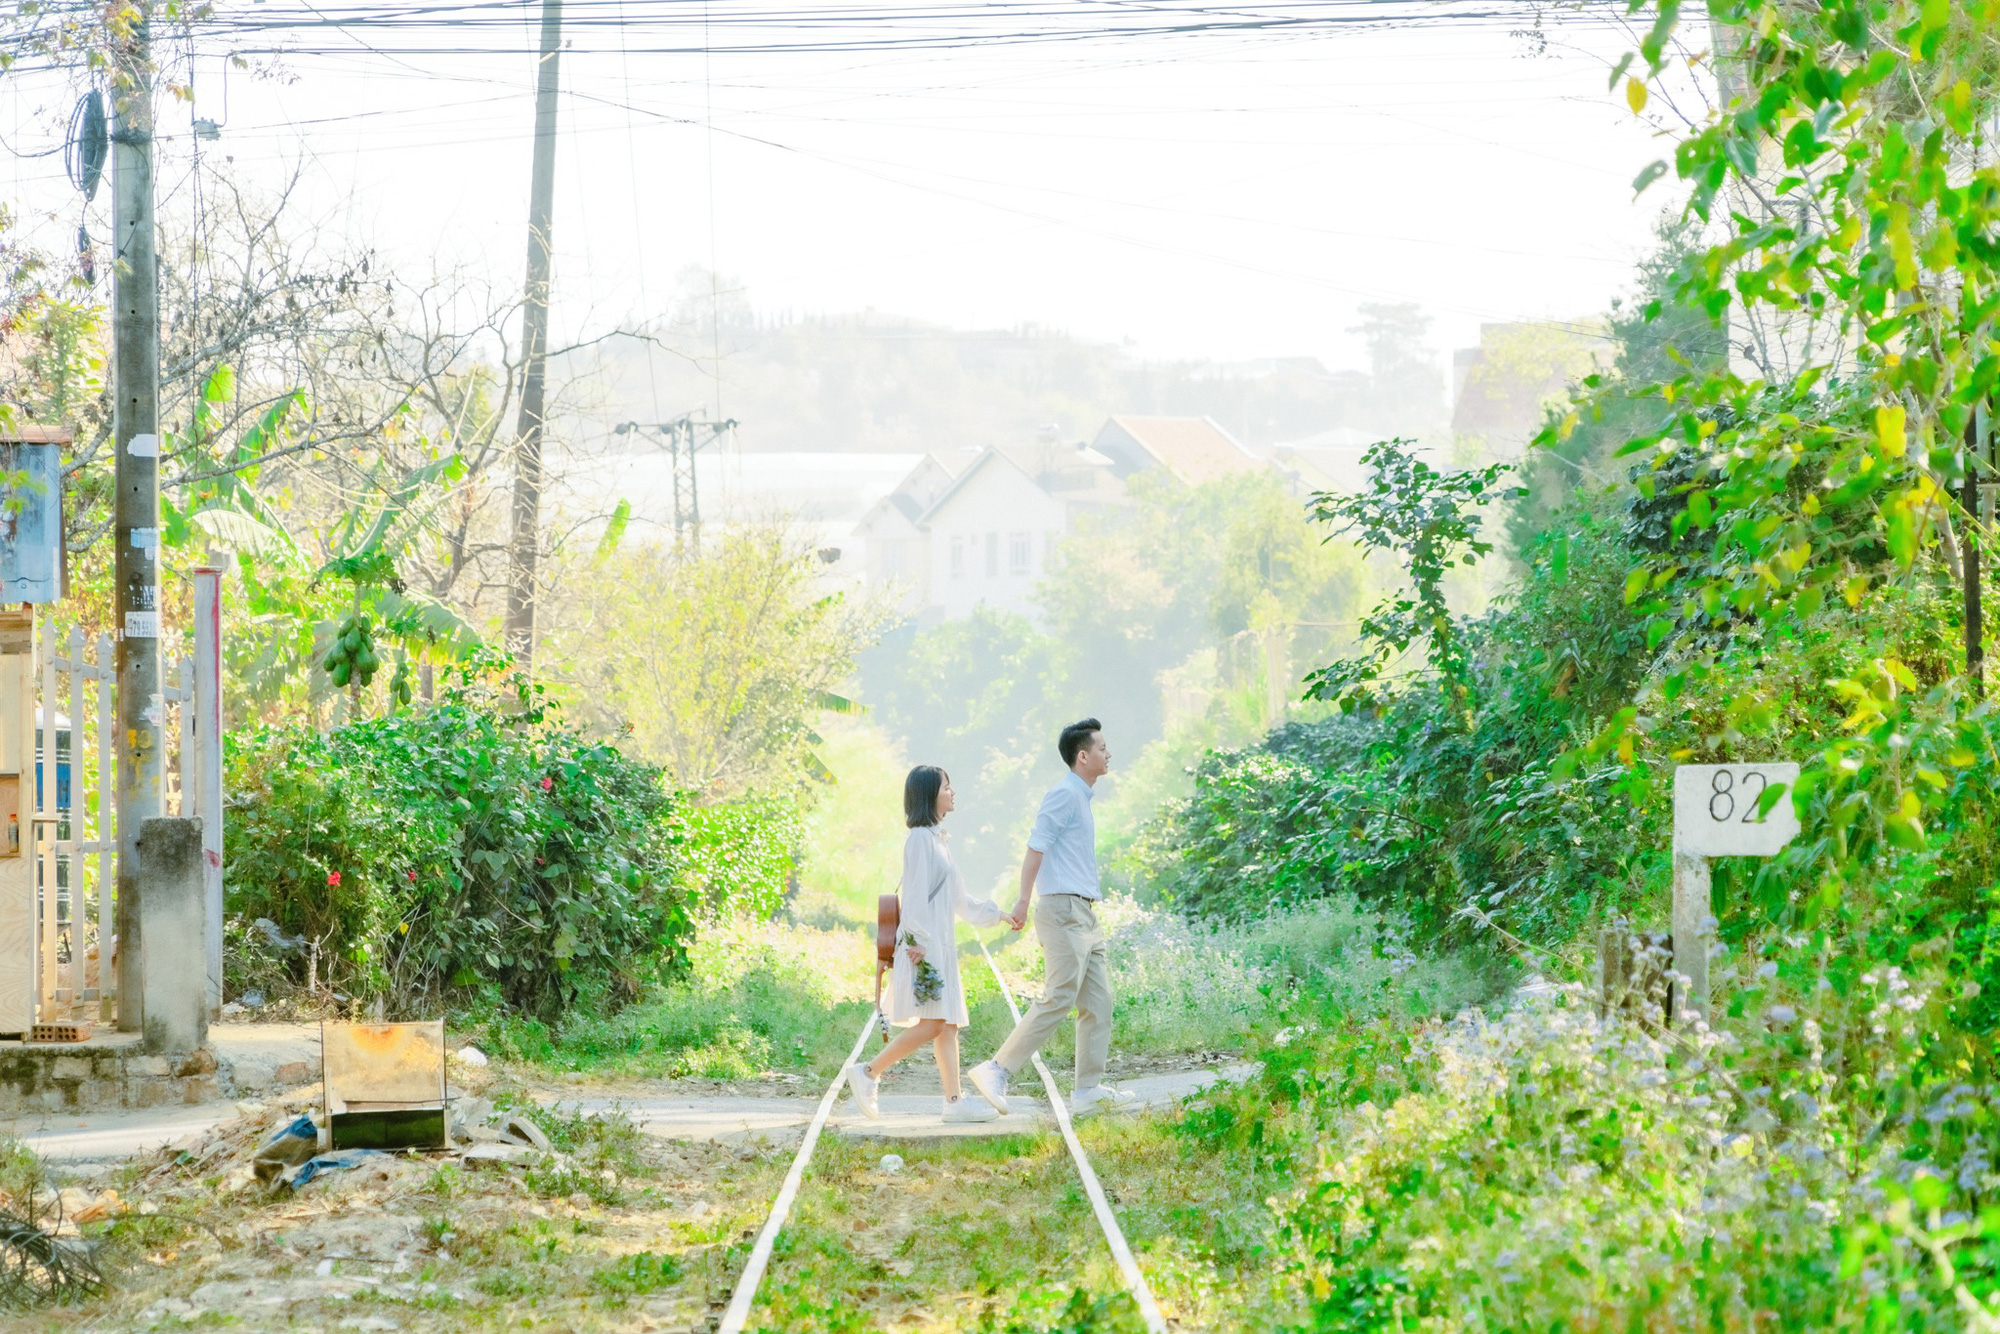 Khám phá lịch trình du lịch Việt Nam từ giờ đến cuối năm, các chị em hãy đi ngay để biết nước mình đẹp thế nào! - Ảnh 4.